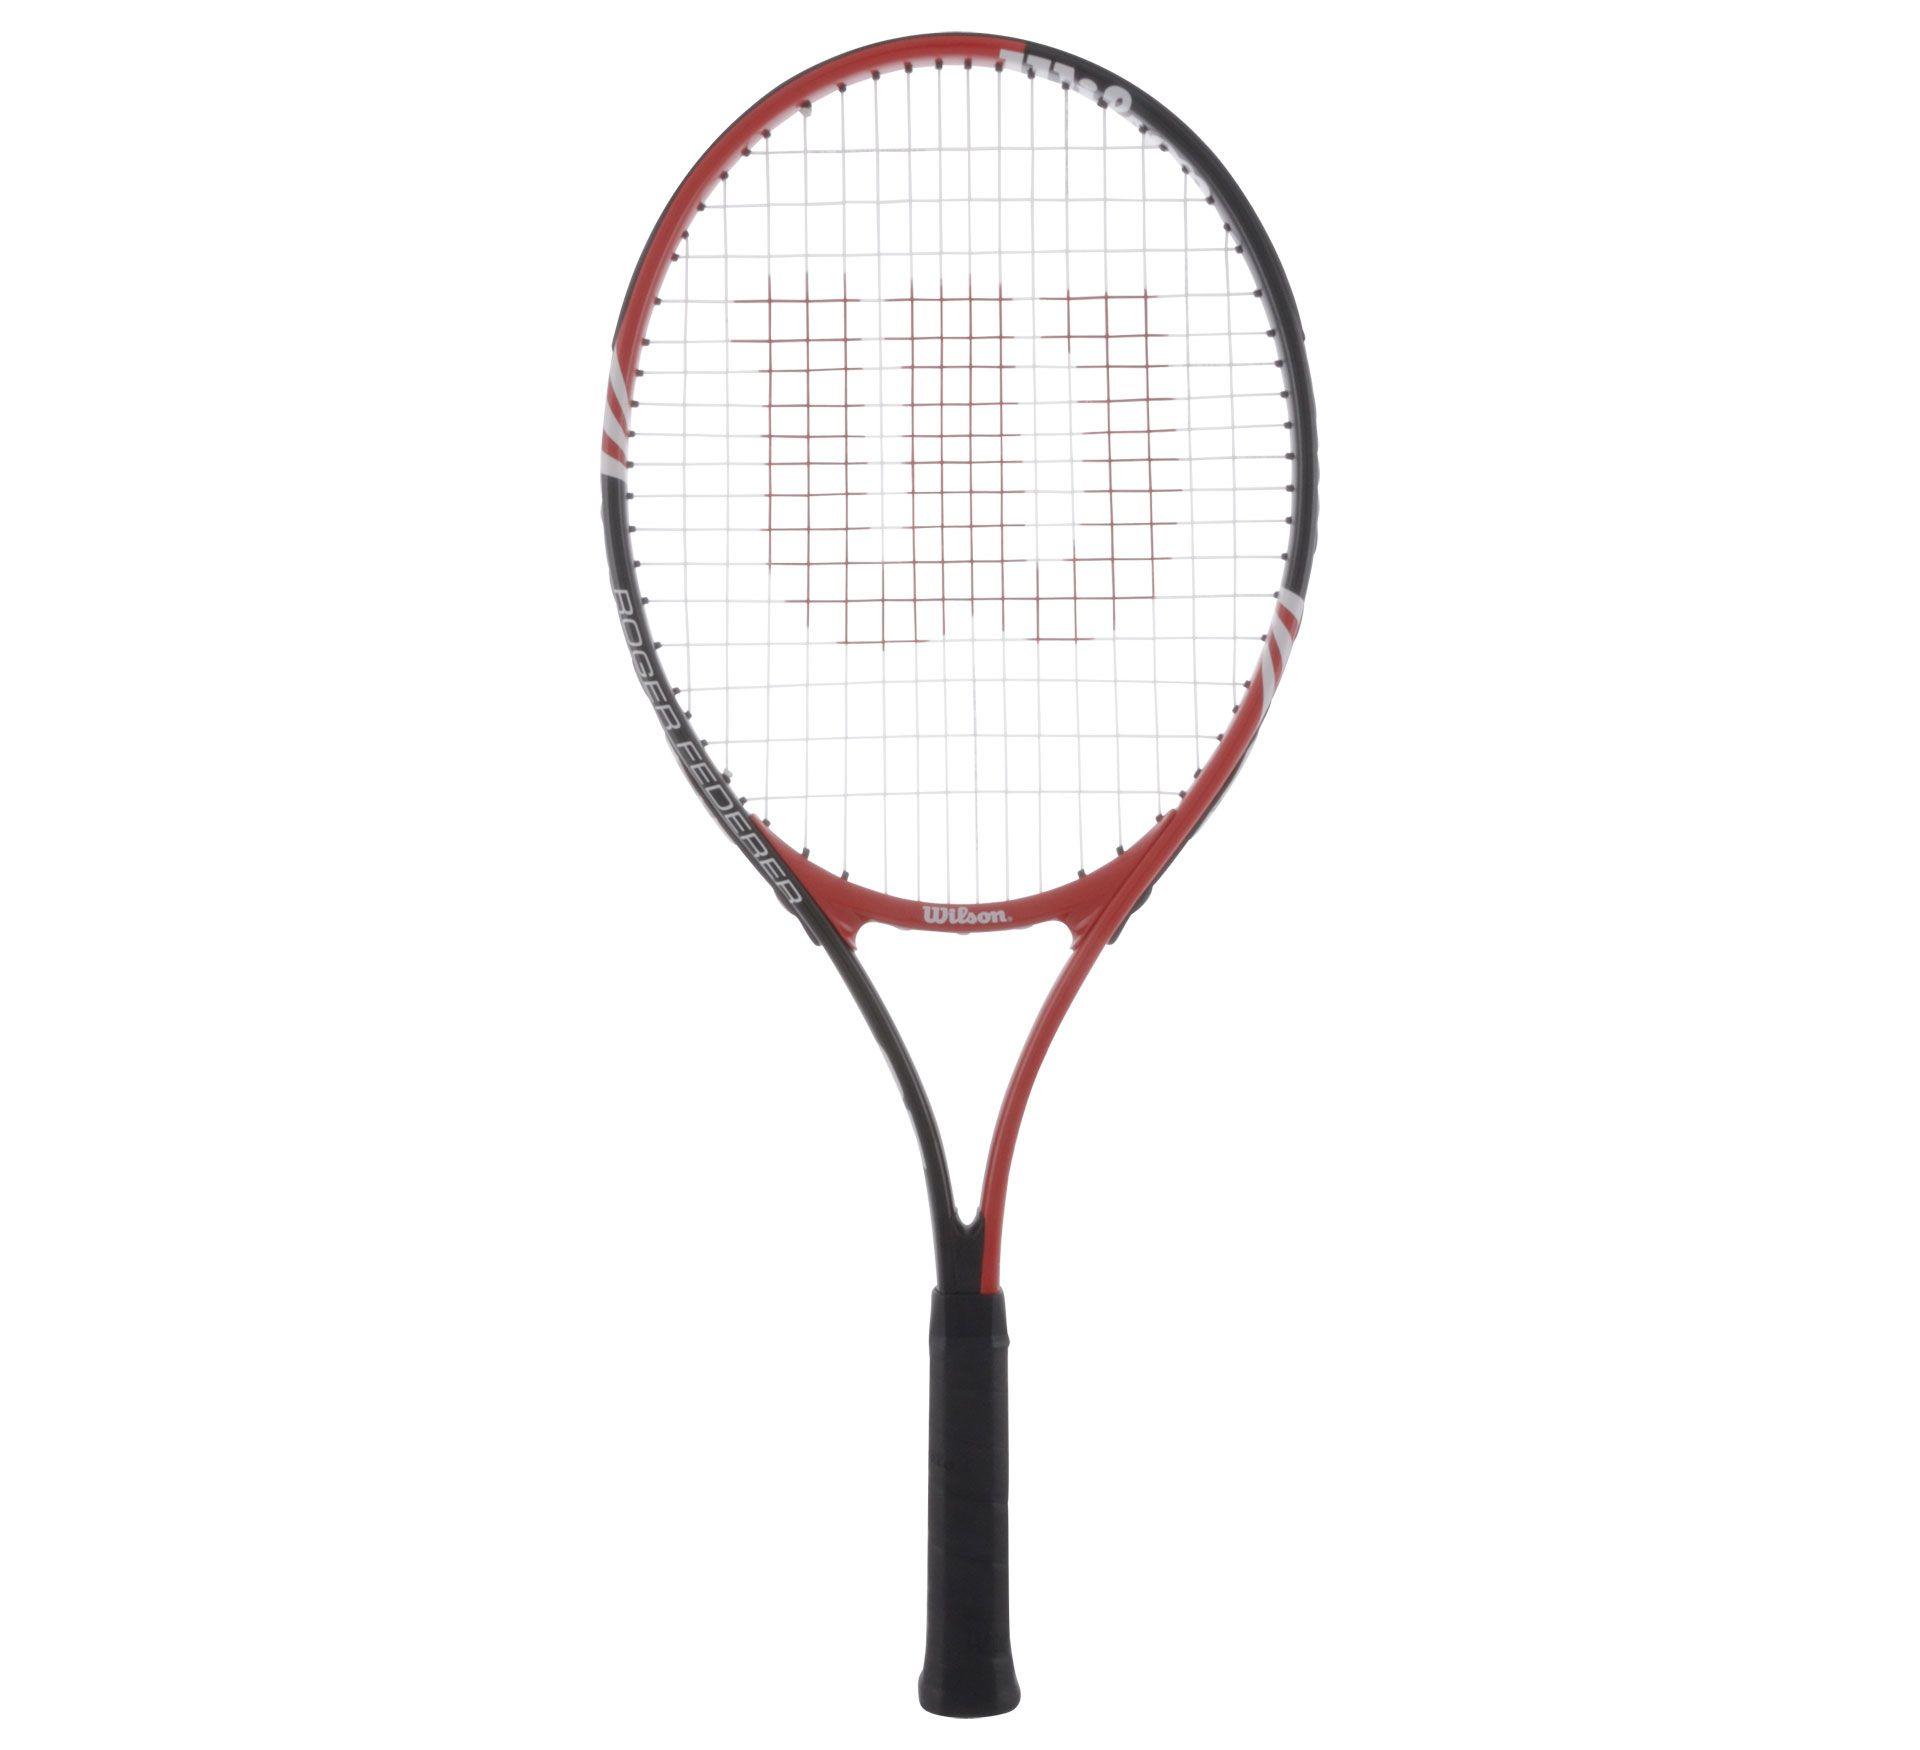 ik wil een tennis racket maken waarbij de draden in het racket onder stroom staan